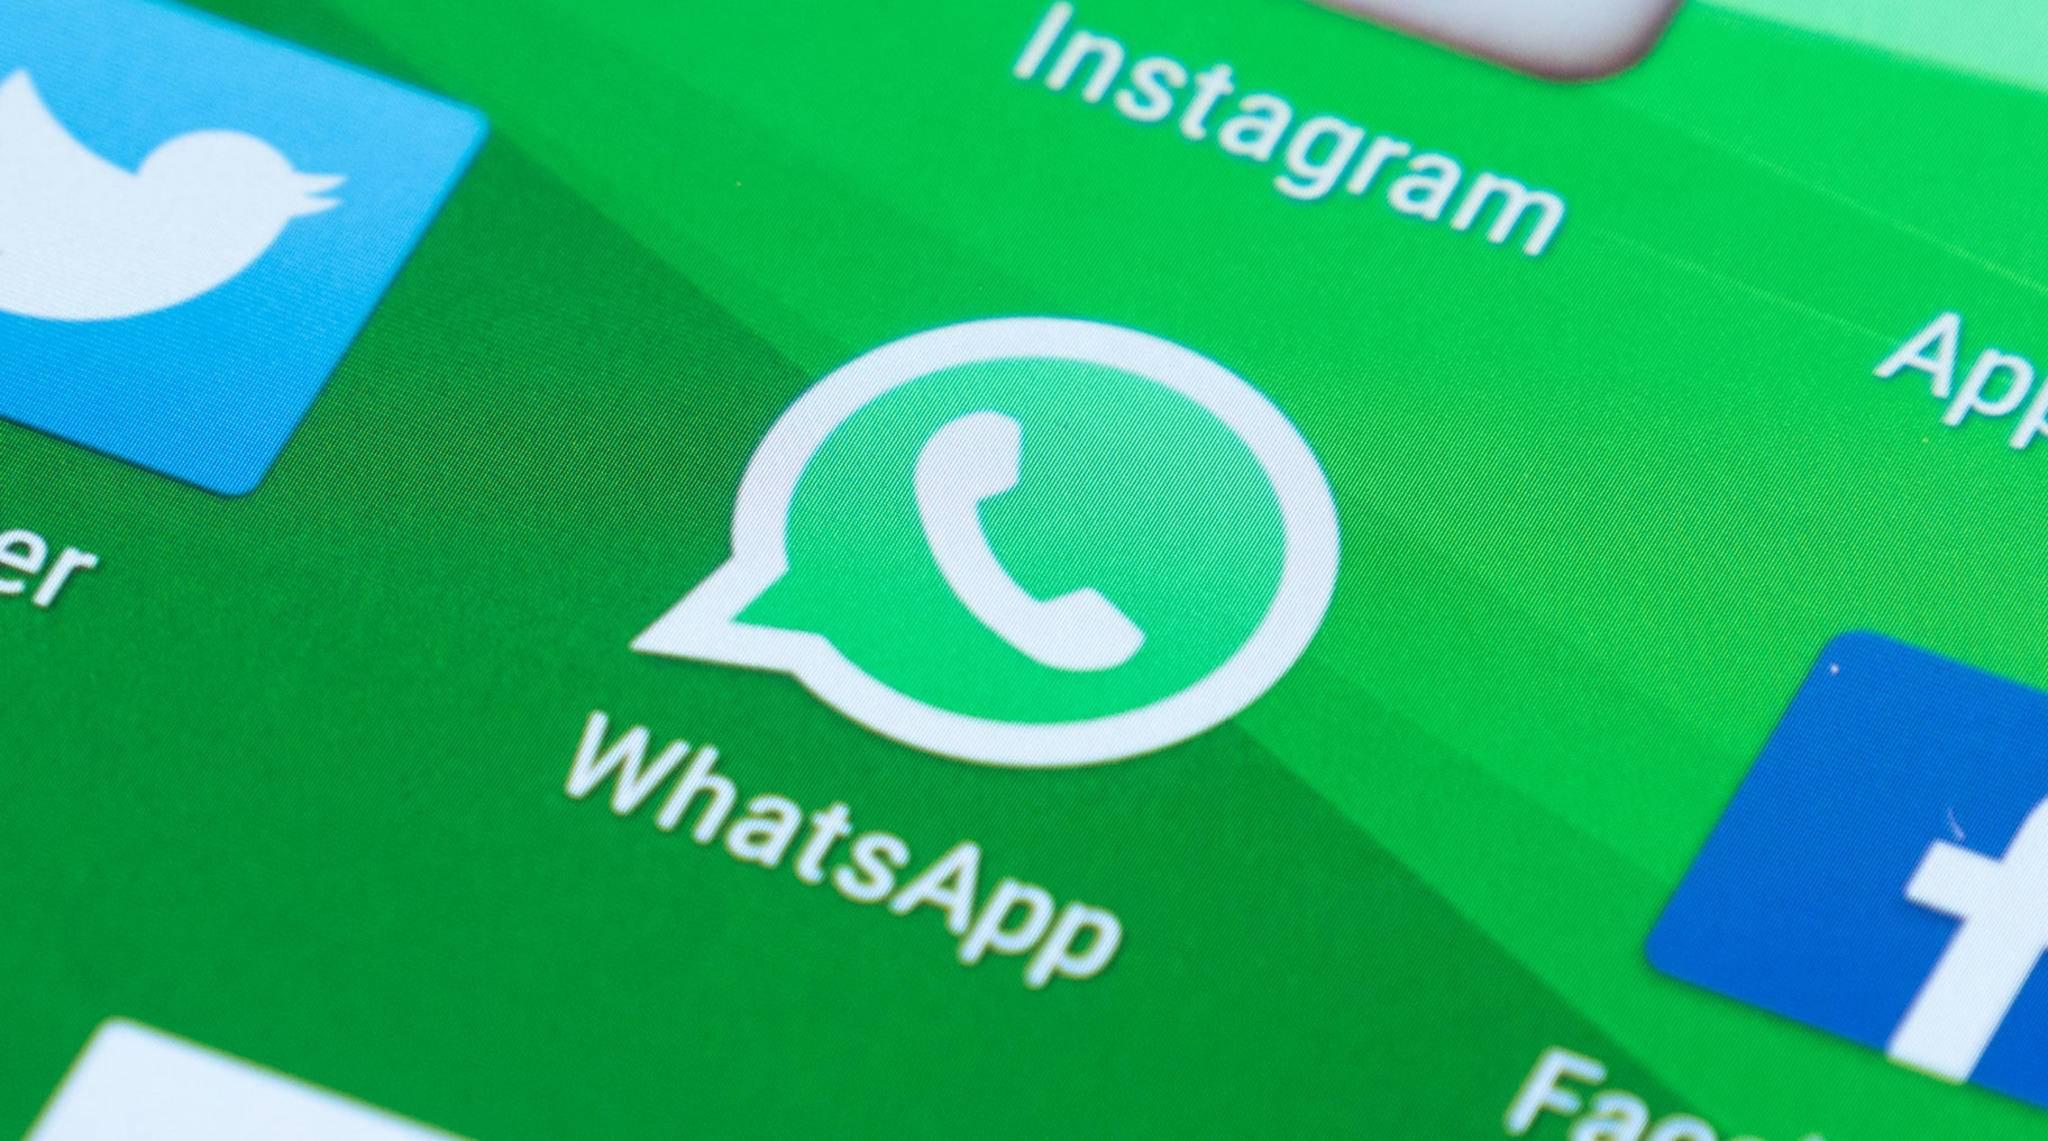 WhatsApp hat seit Mittwochmittag mit massiven Problemen zu kämpfen.